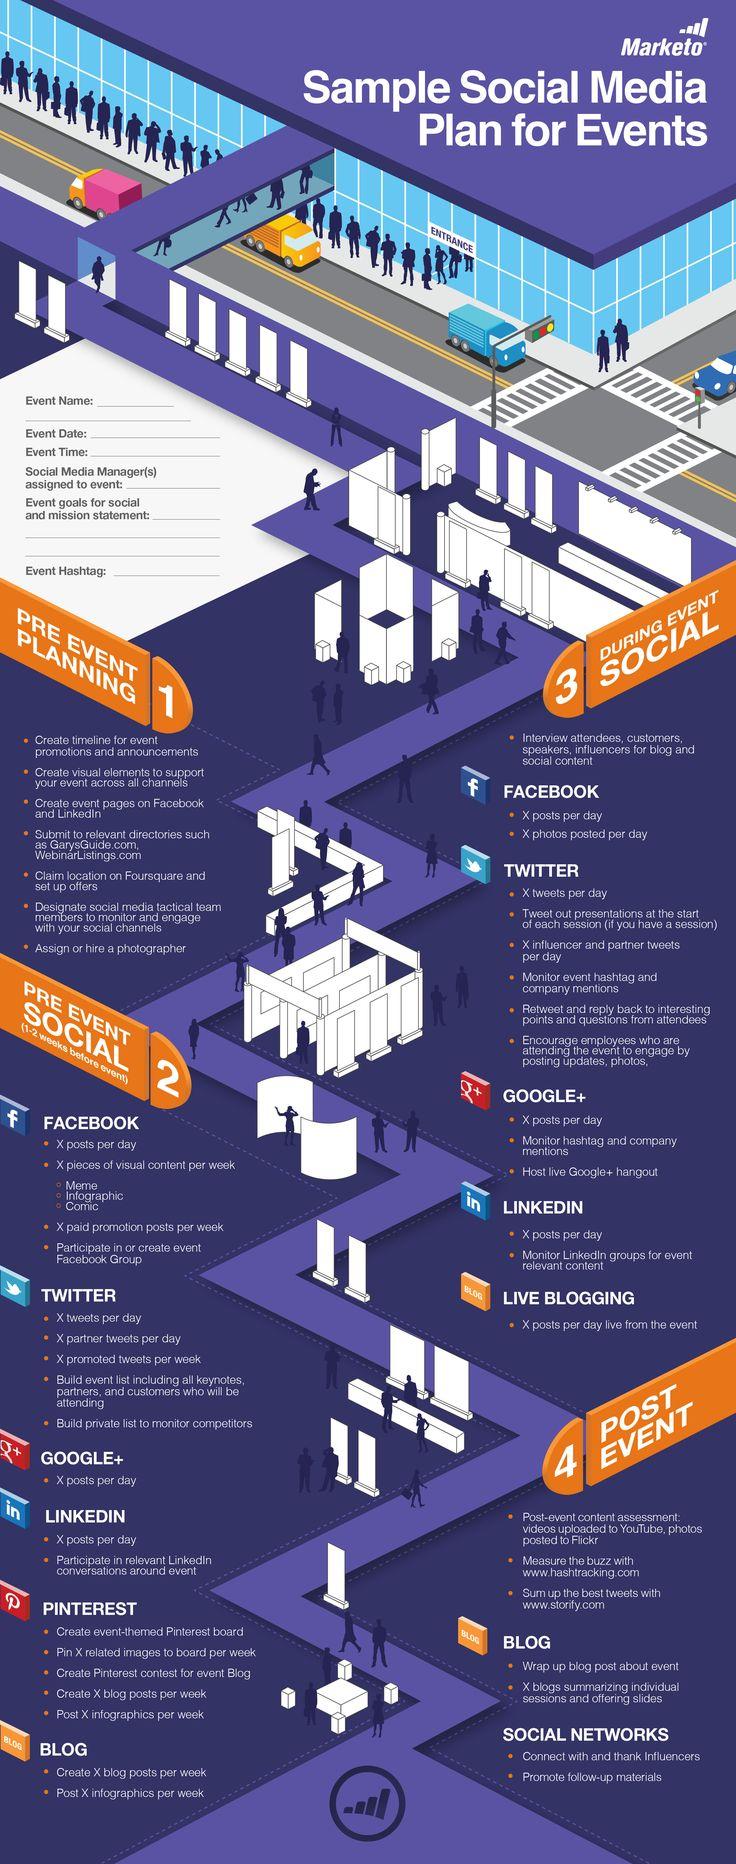 Les 4 étapes clés d'une planification d'événement sur les réseaux sociaux